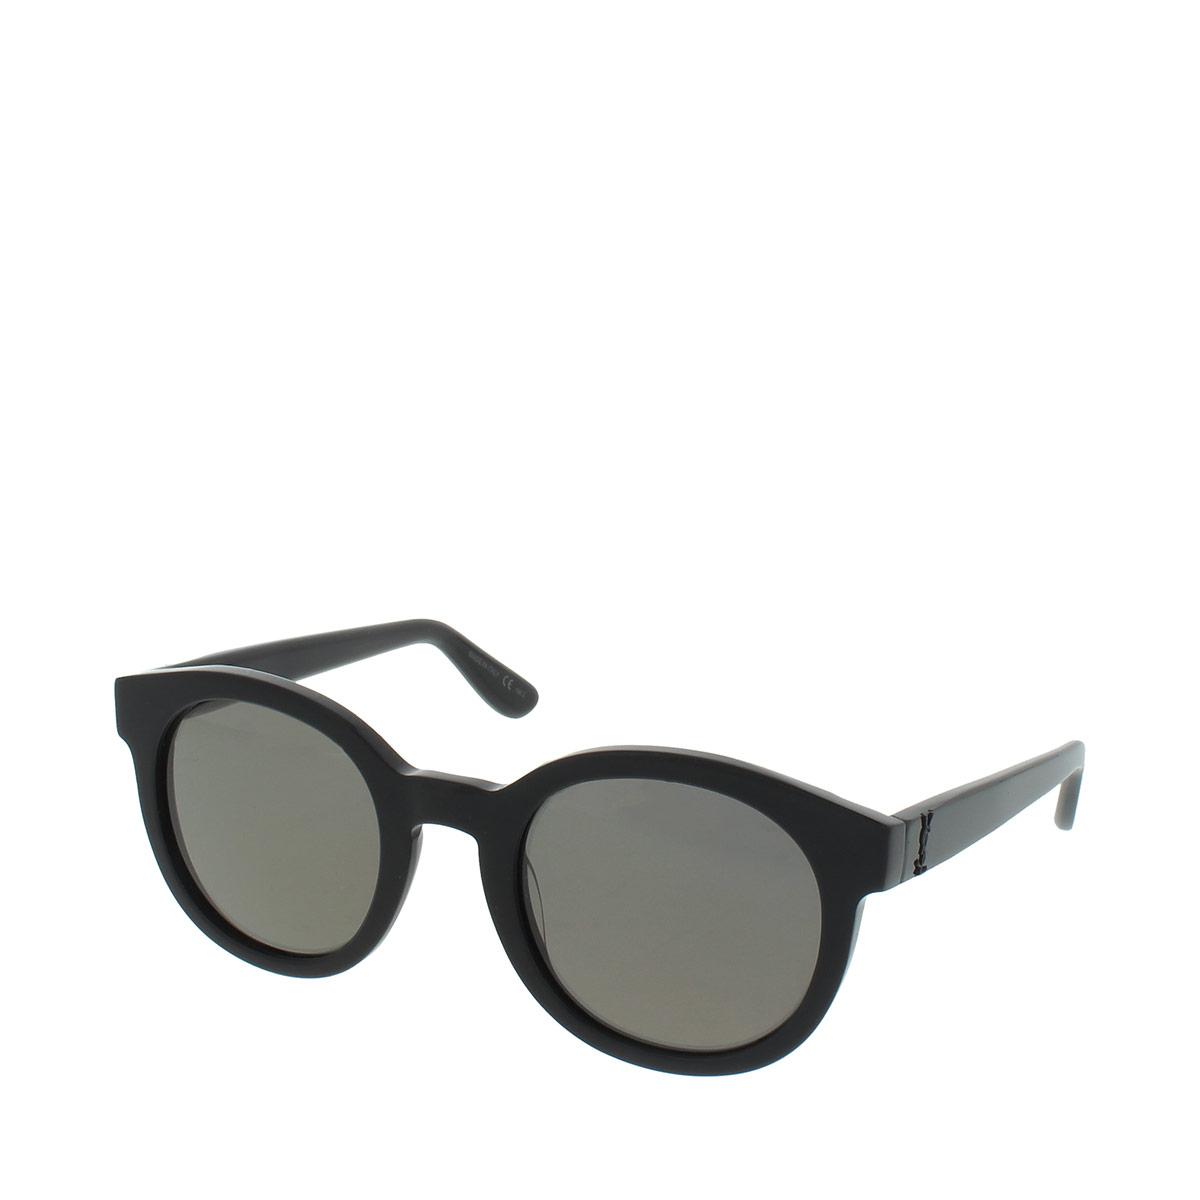 Saint Laurent Sonnenbrille - SL M15 51 001 - in schwarz - für Damen